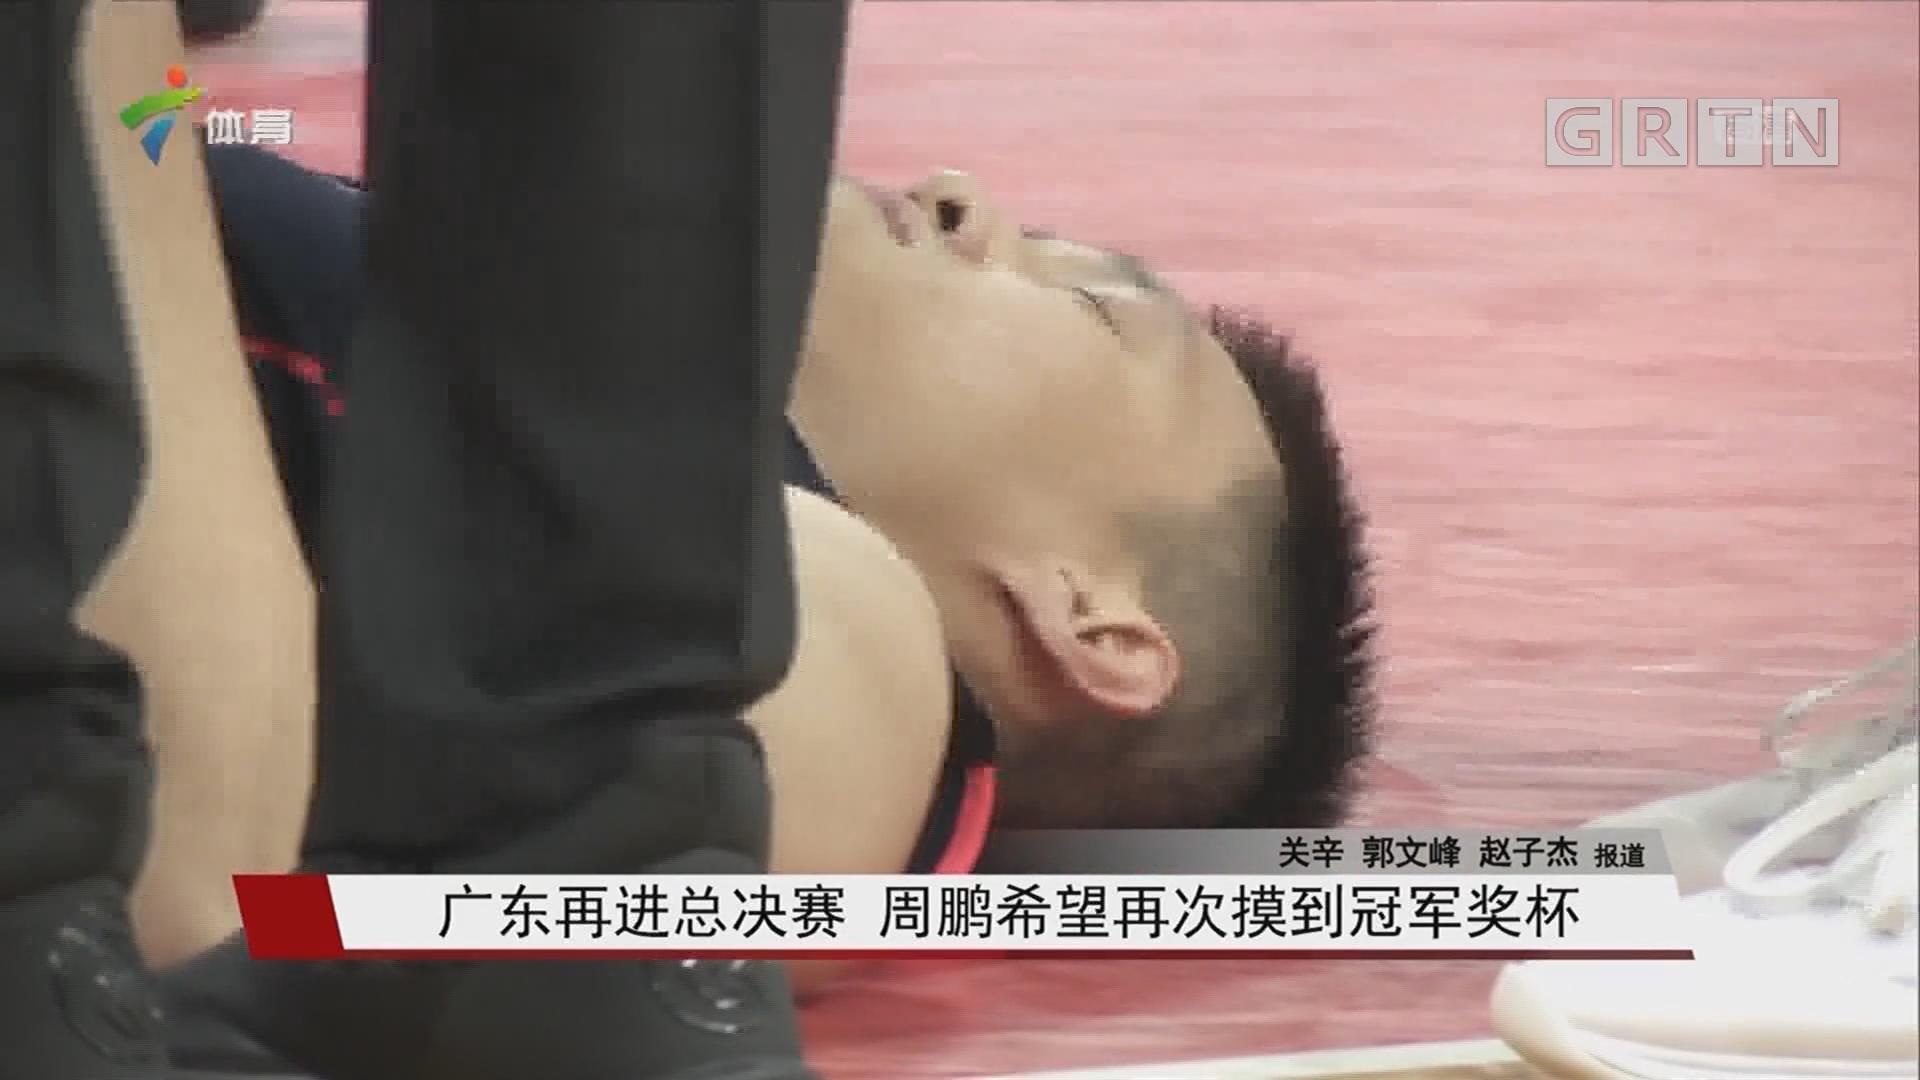 广东再进总决赛 周鹏希望再次摸到冠军奖杯